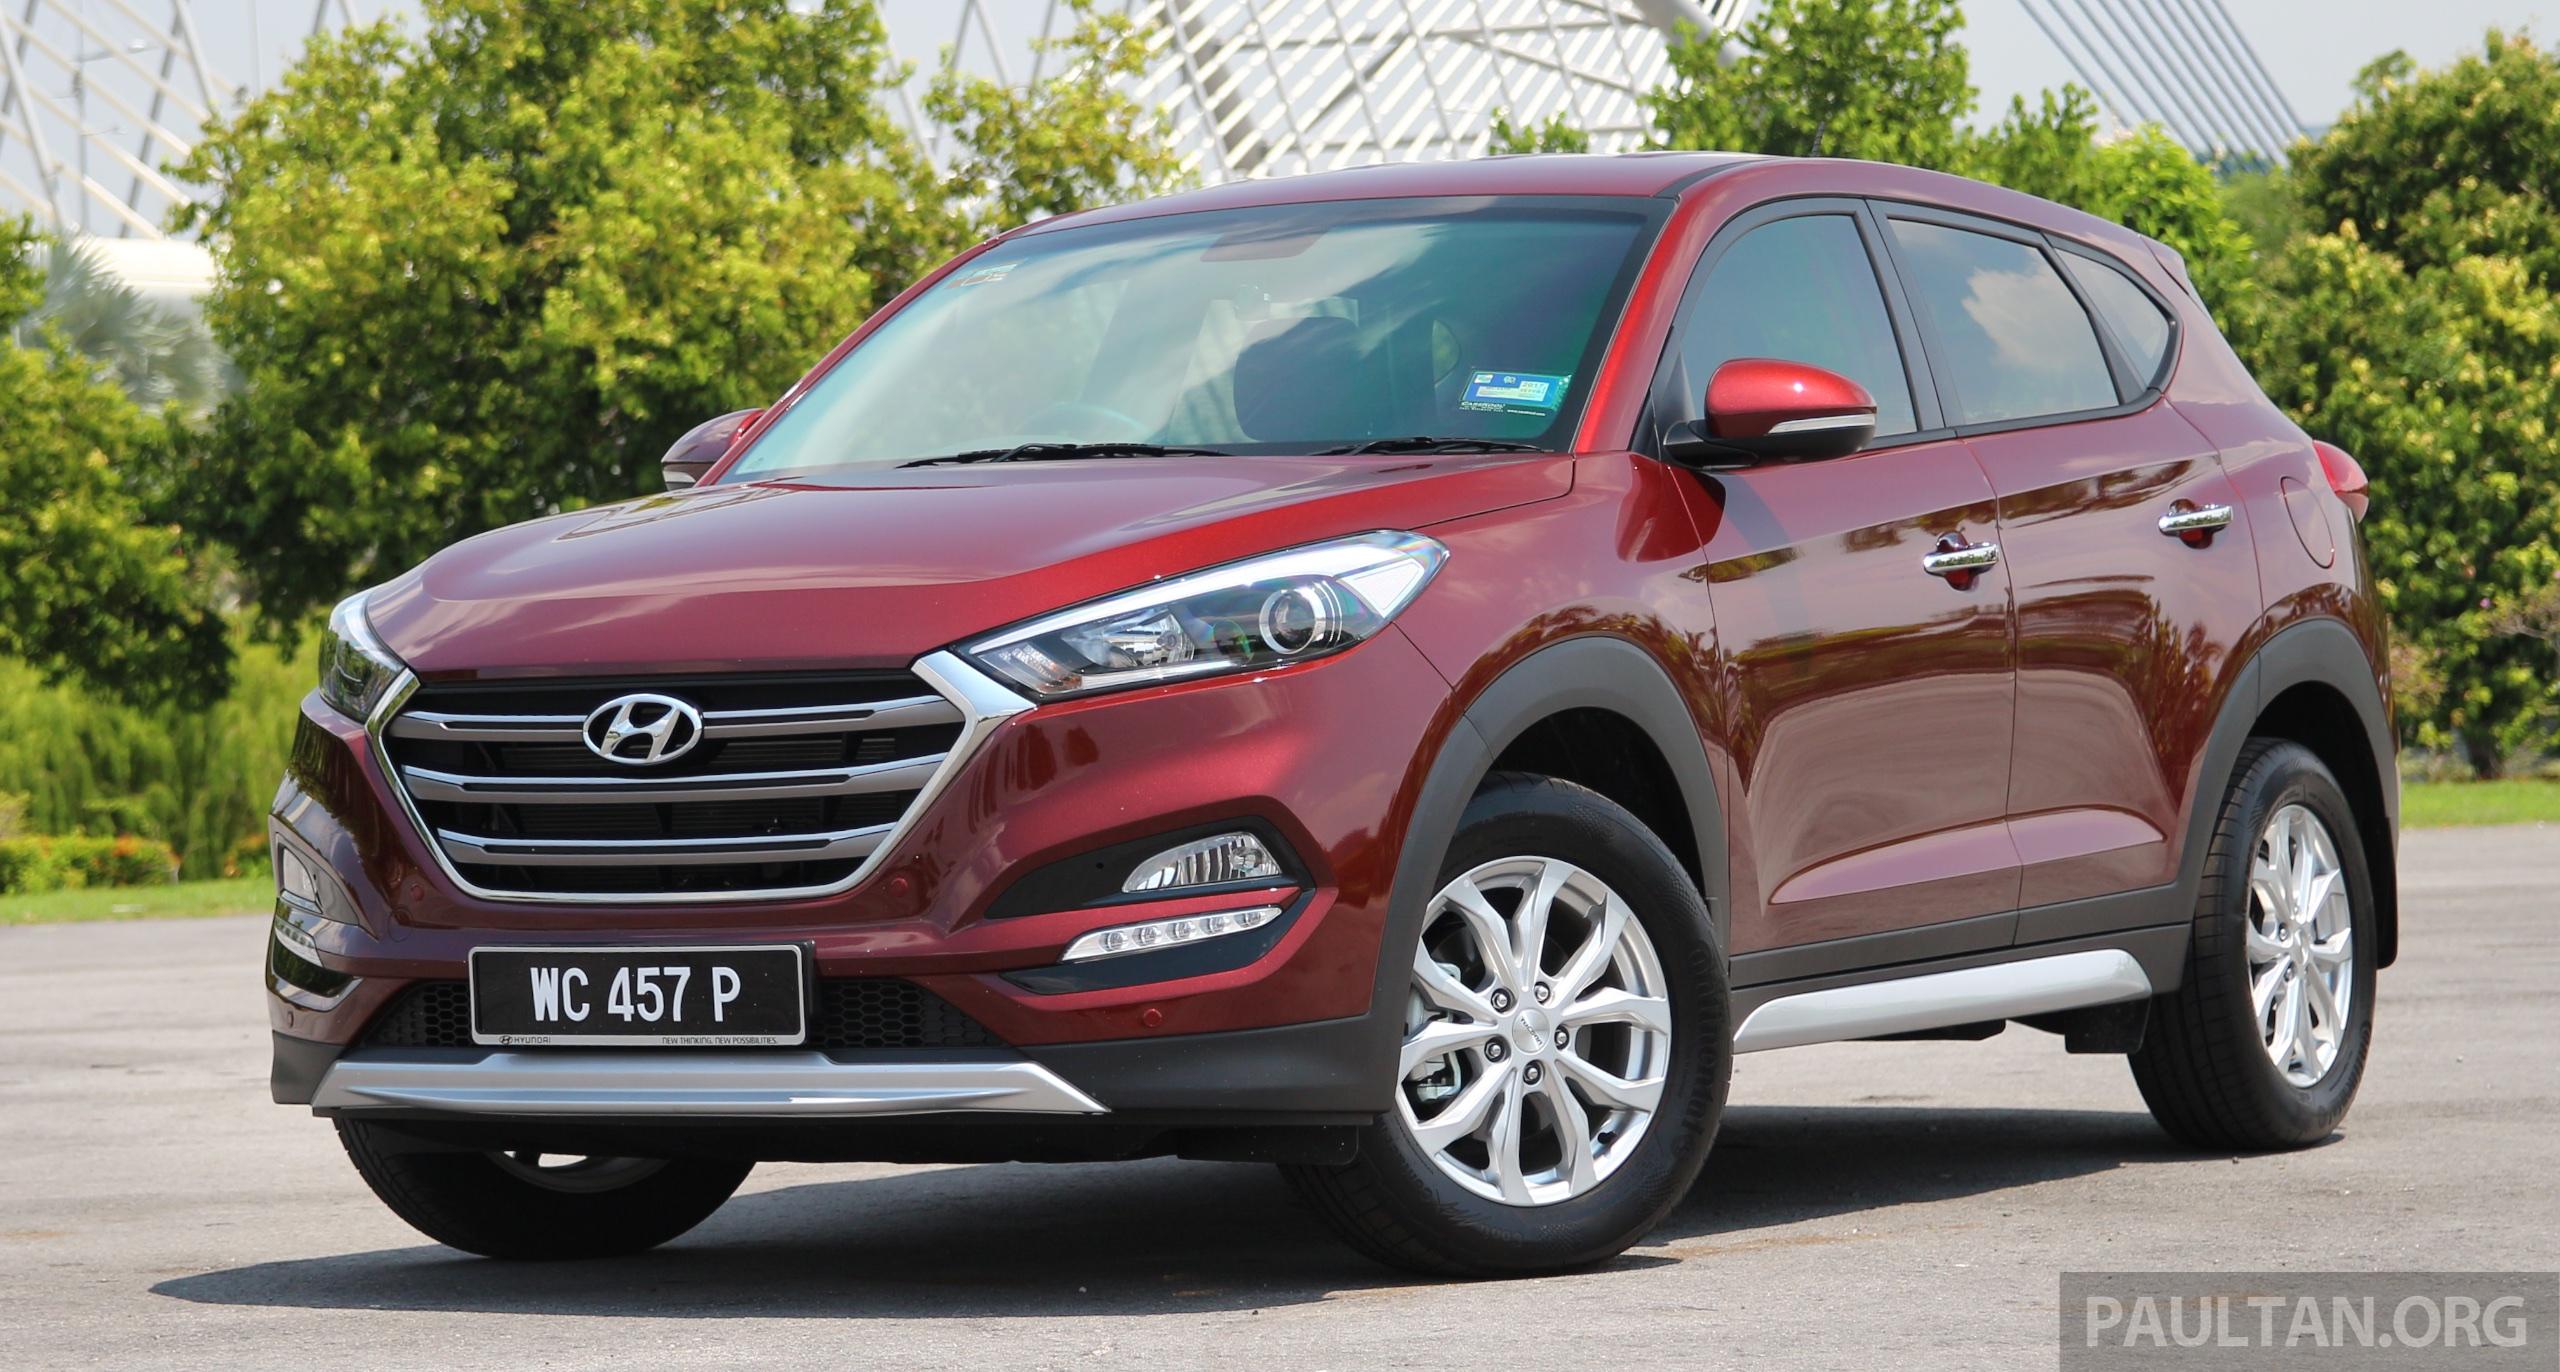 原厂确认,明年初为 Hyundai Tucson 引入两具新引擎! 2016 Hyundai Tucson